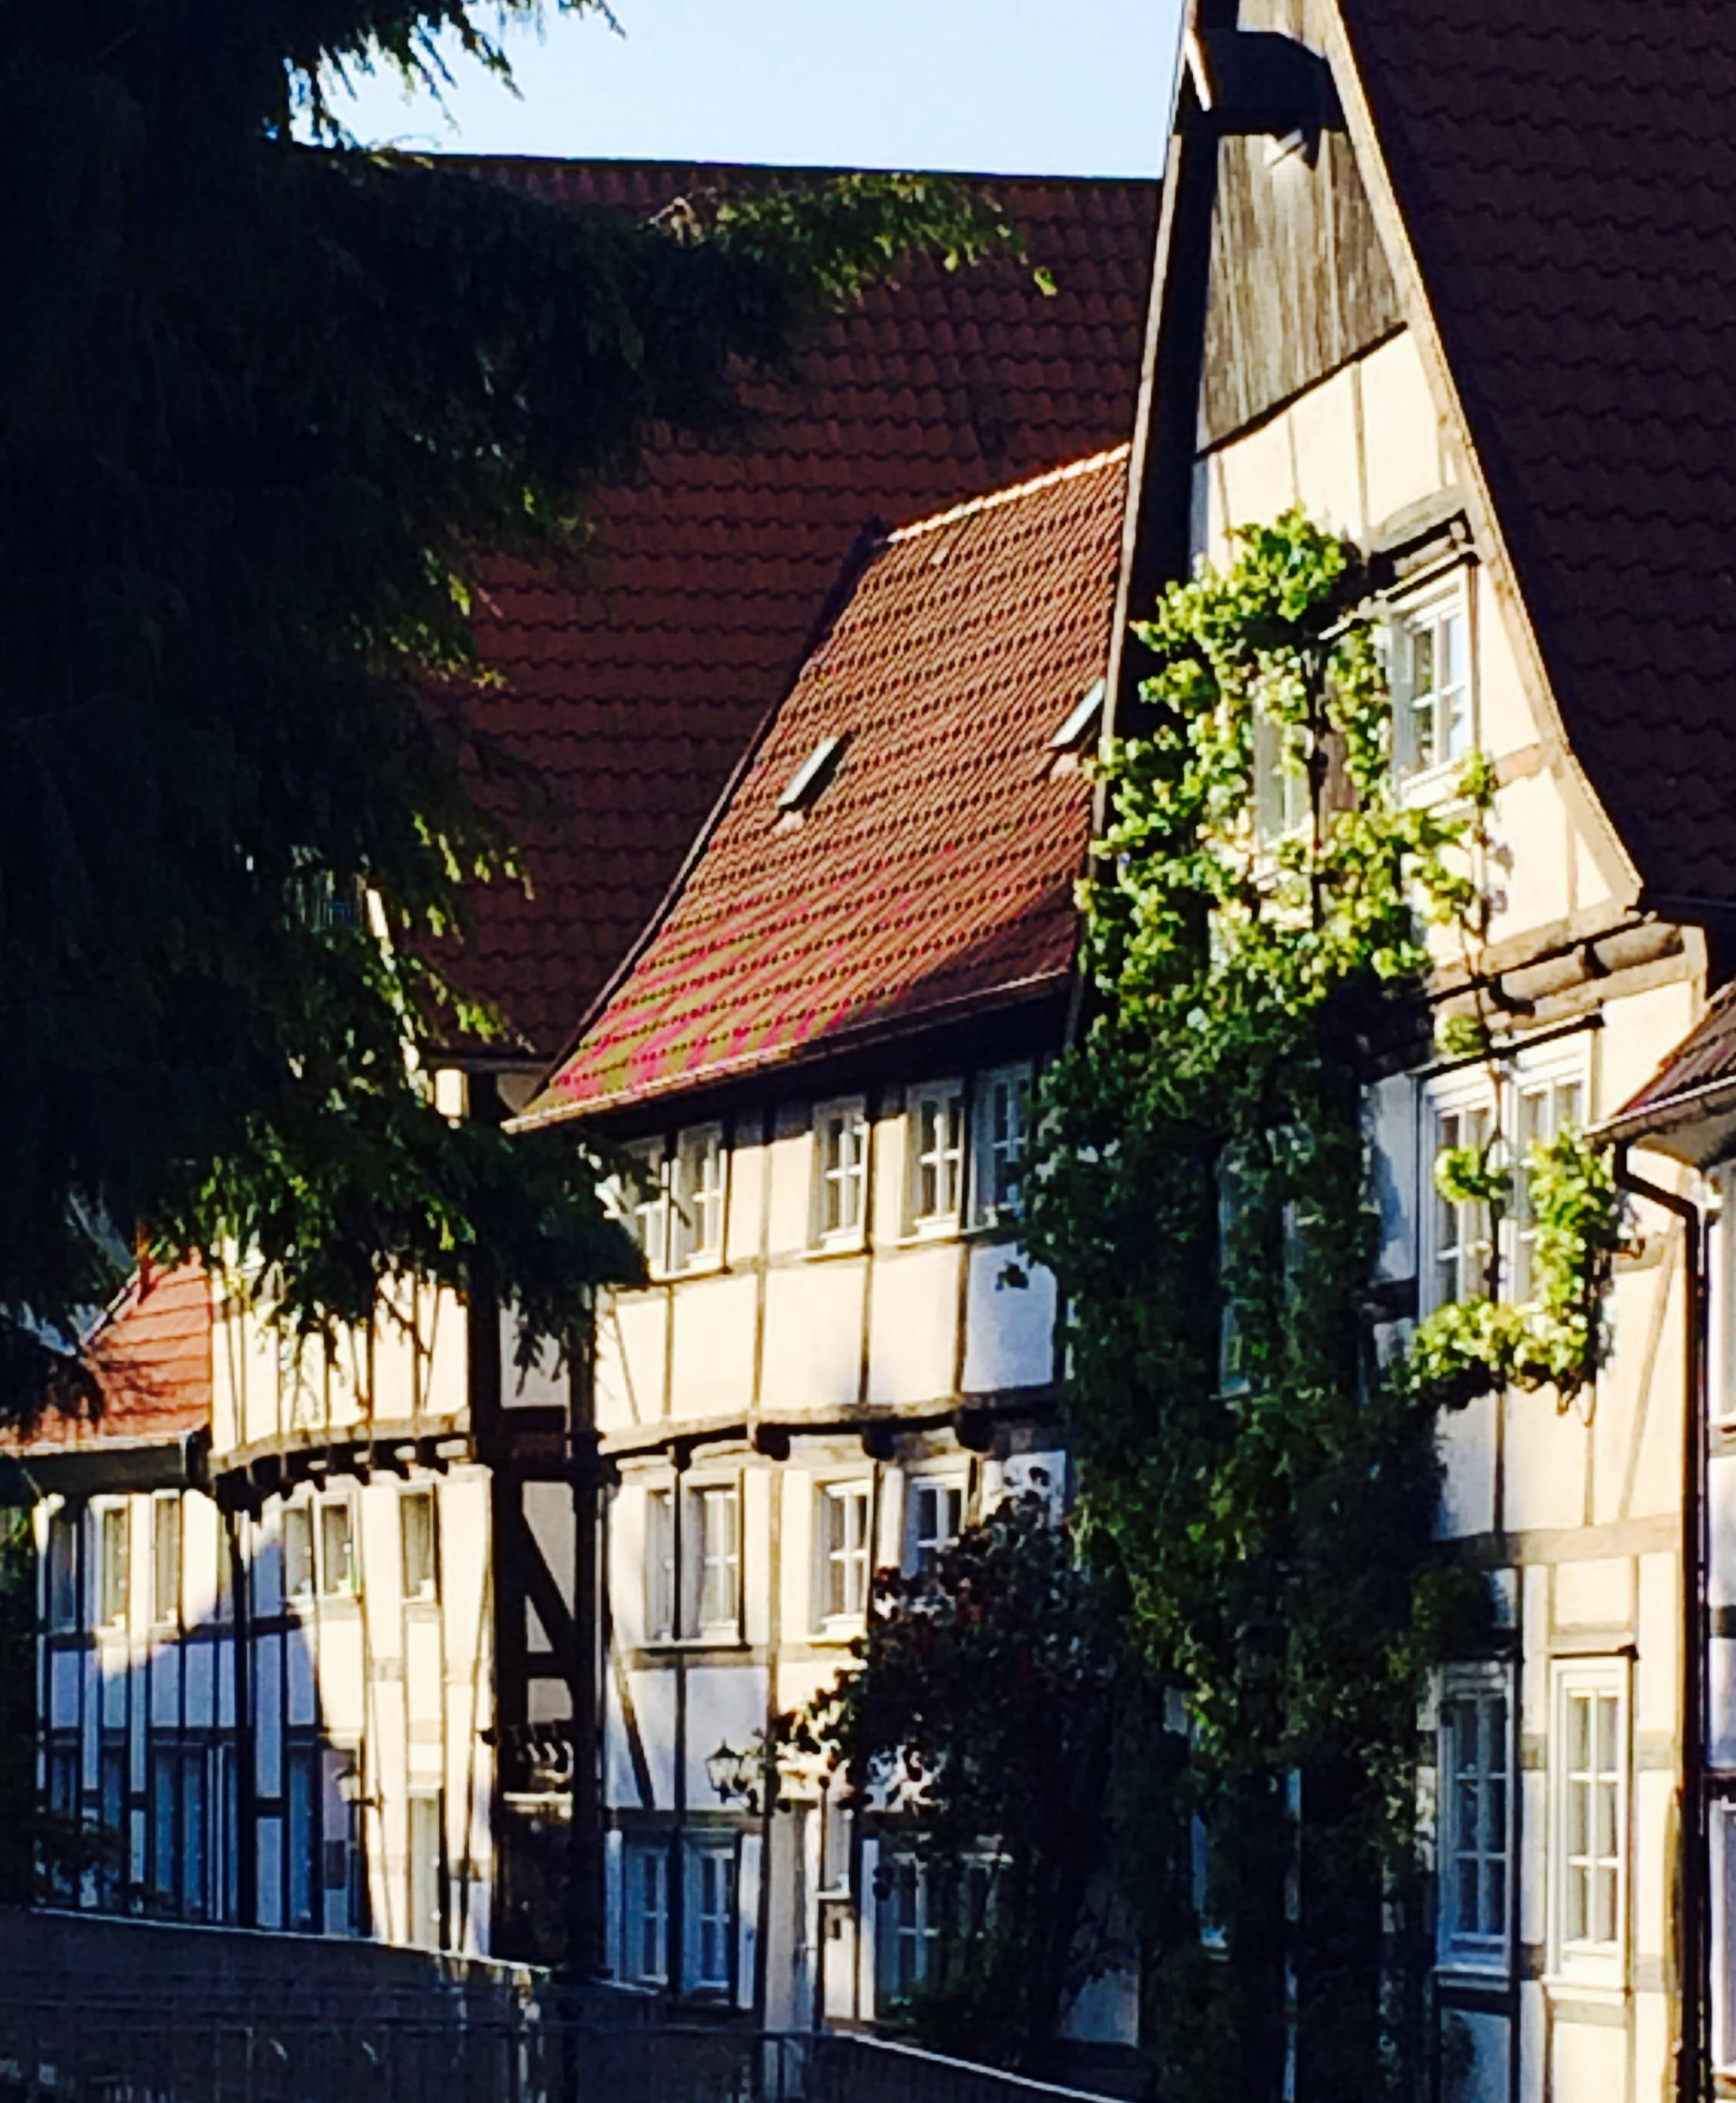 Alte krumme Fachwerkhäuser in der Altstadt von Soest